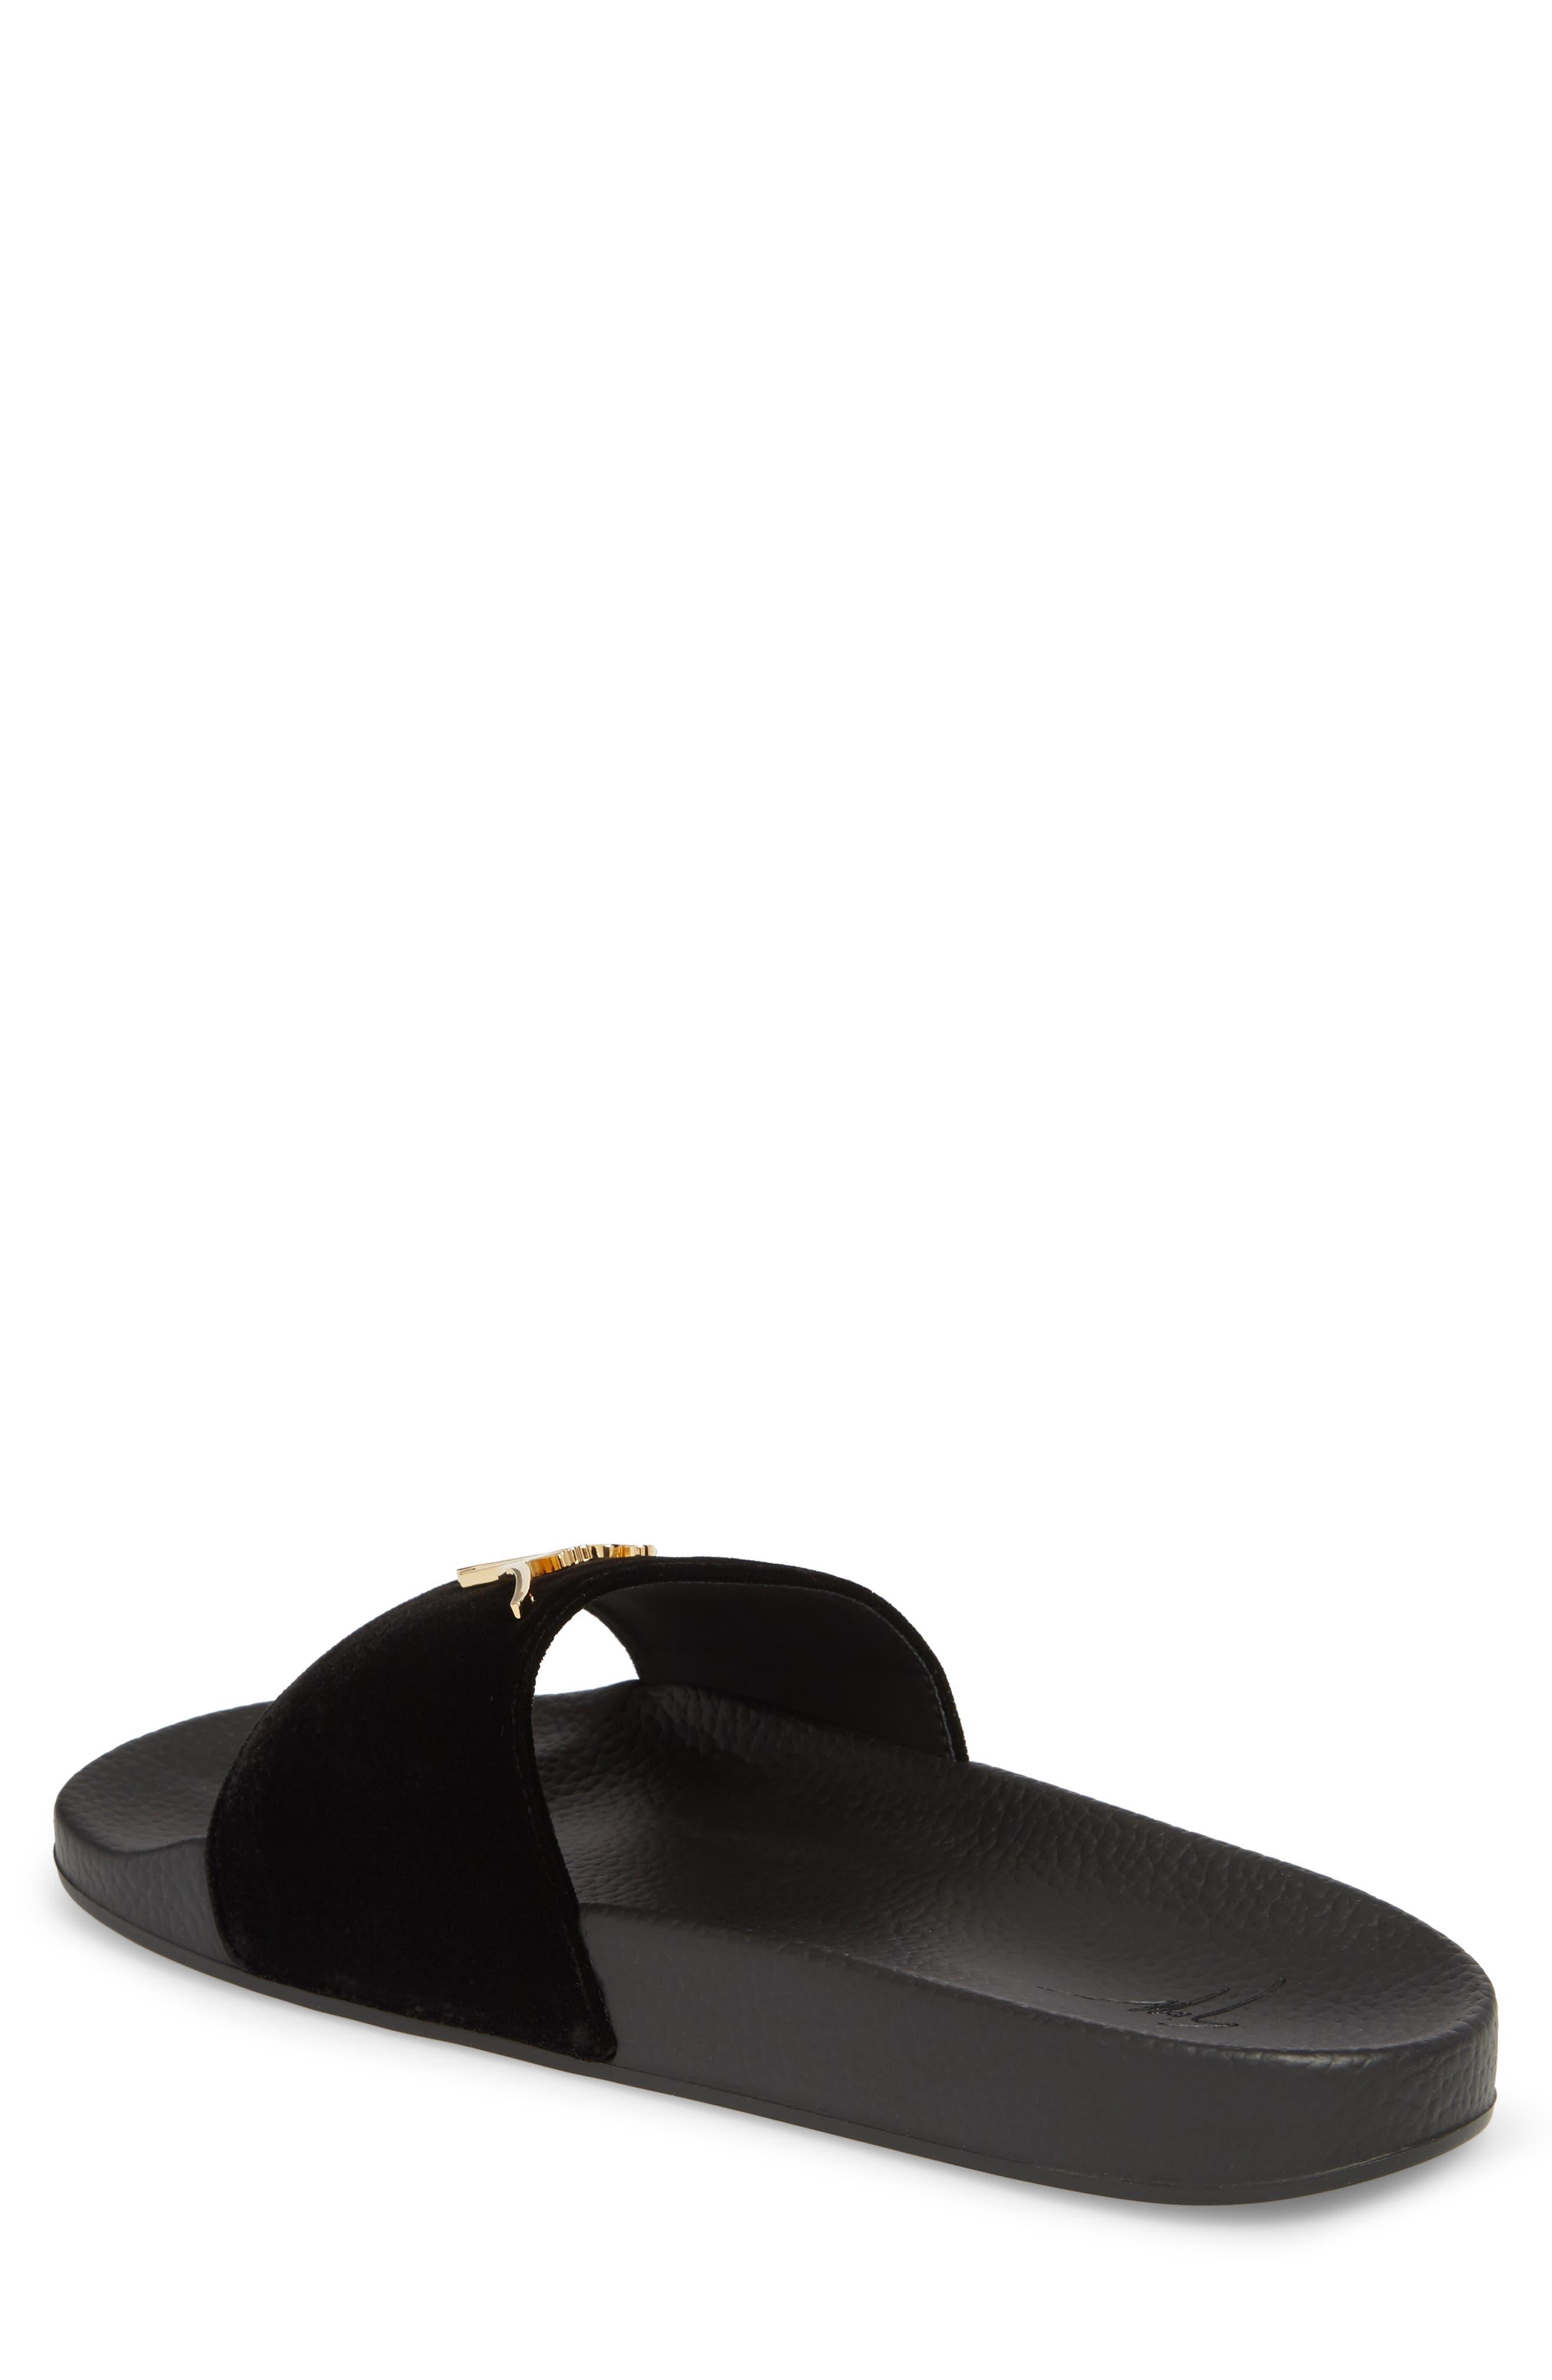 GIUSEPPE ZANOTTI, Slide Sandal, Alternate thumbnail 2, color, NERO